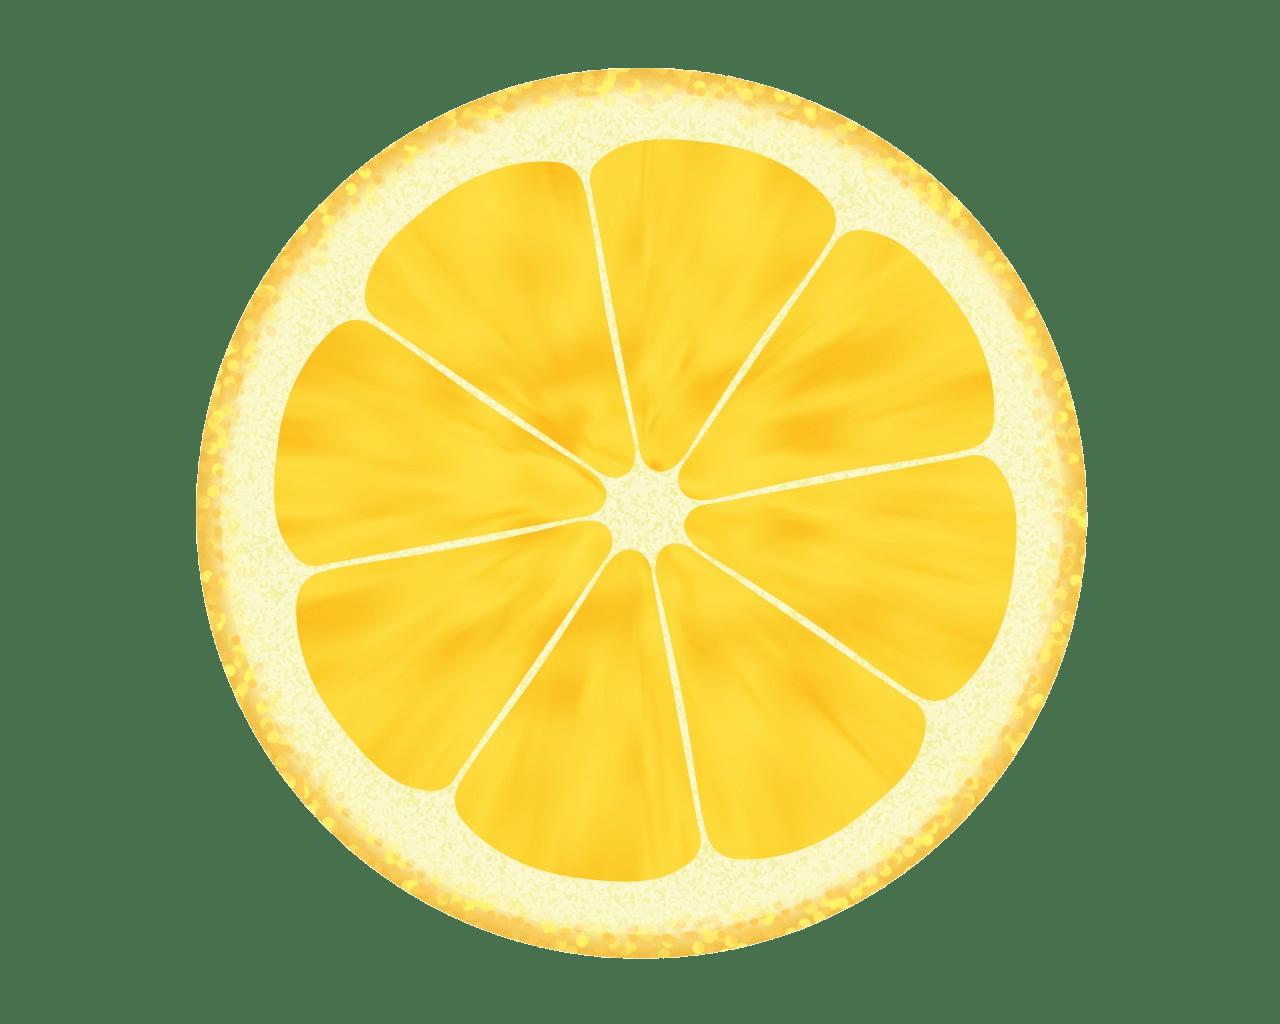 Lemonade clipart yellow colour object. Lemon png free images